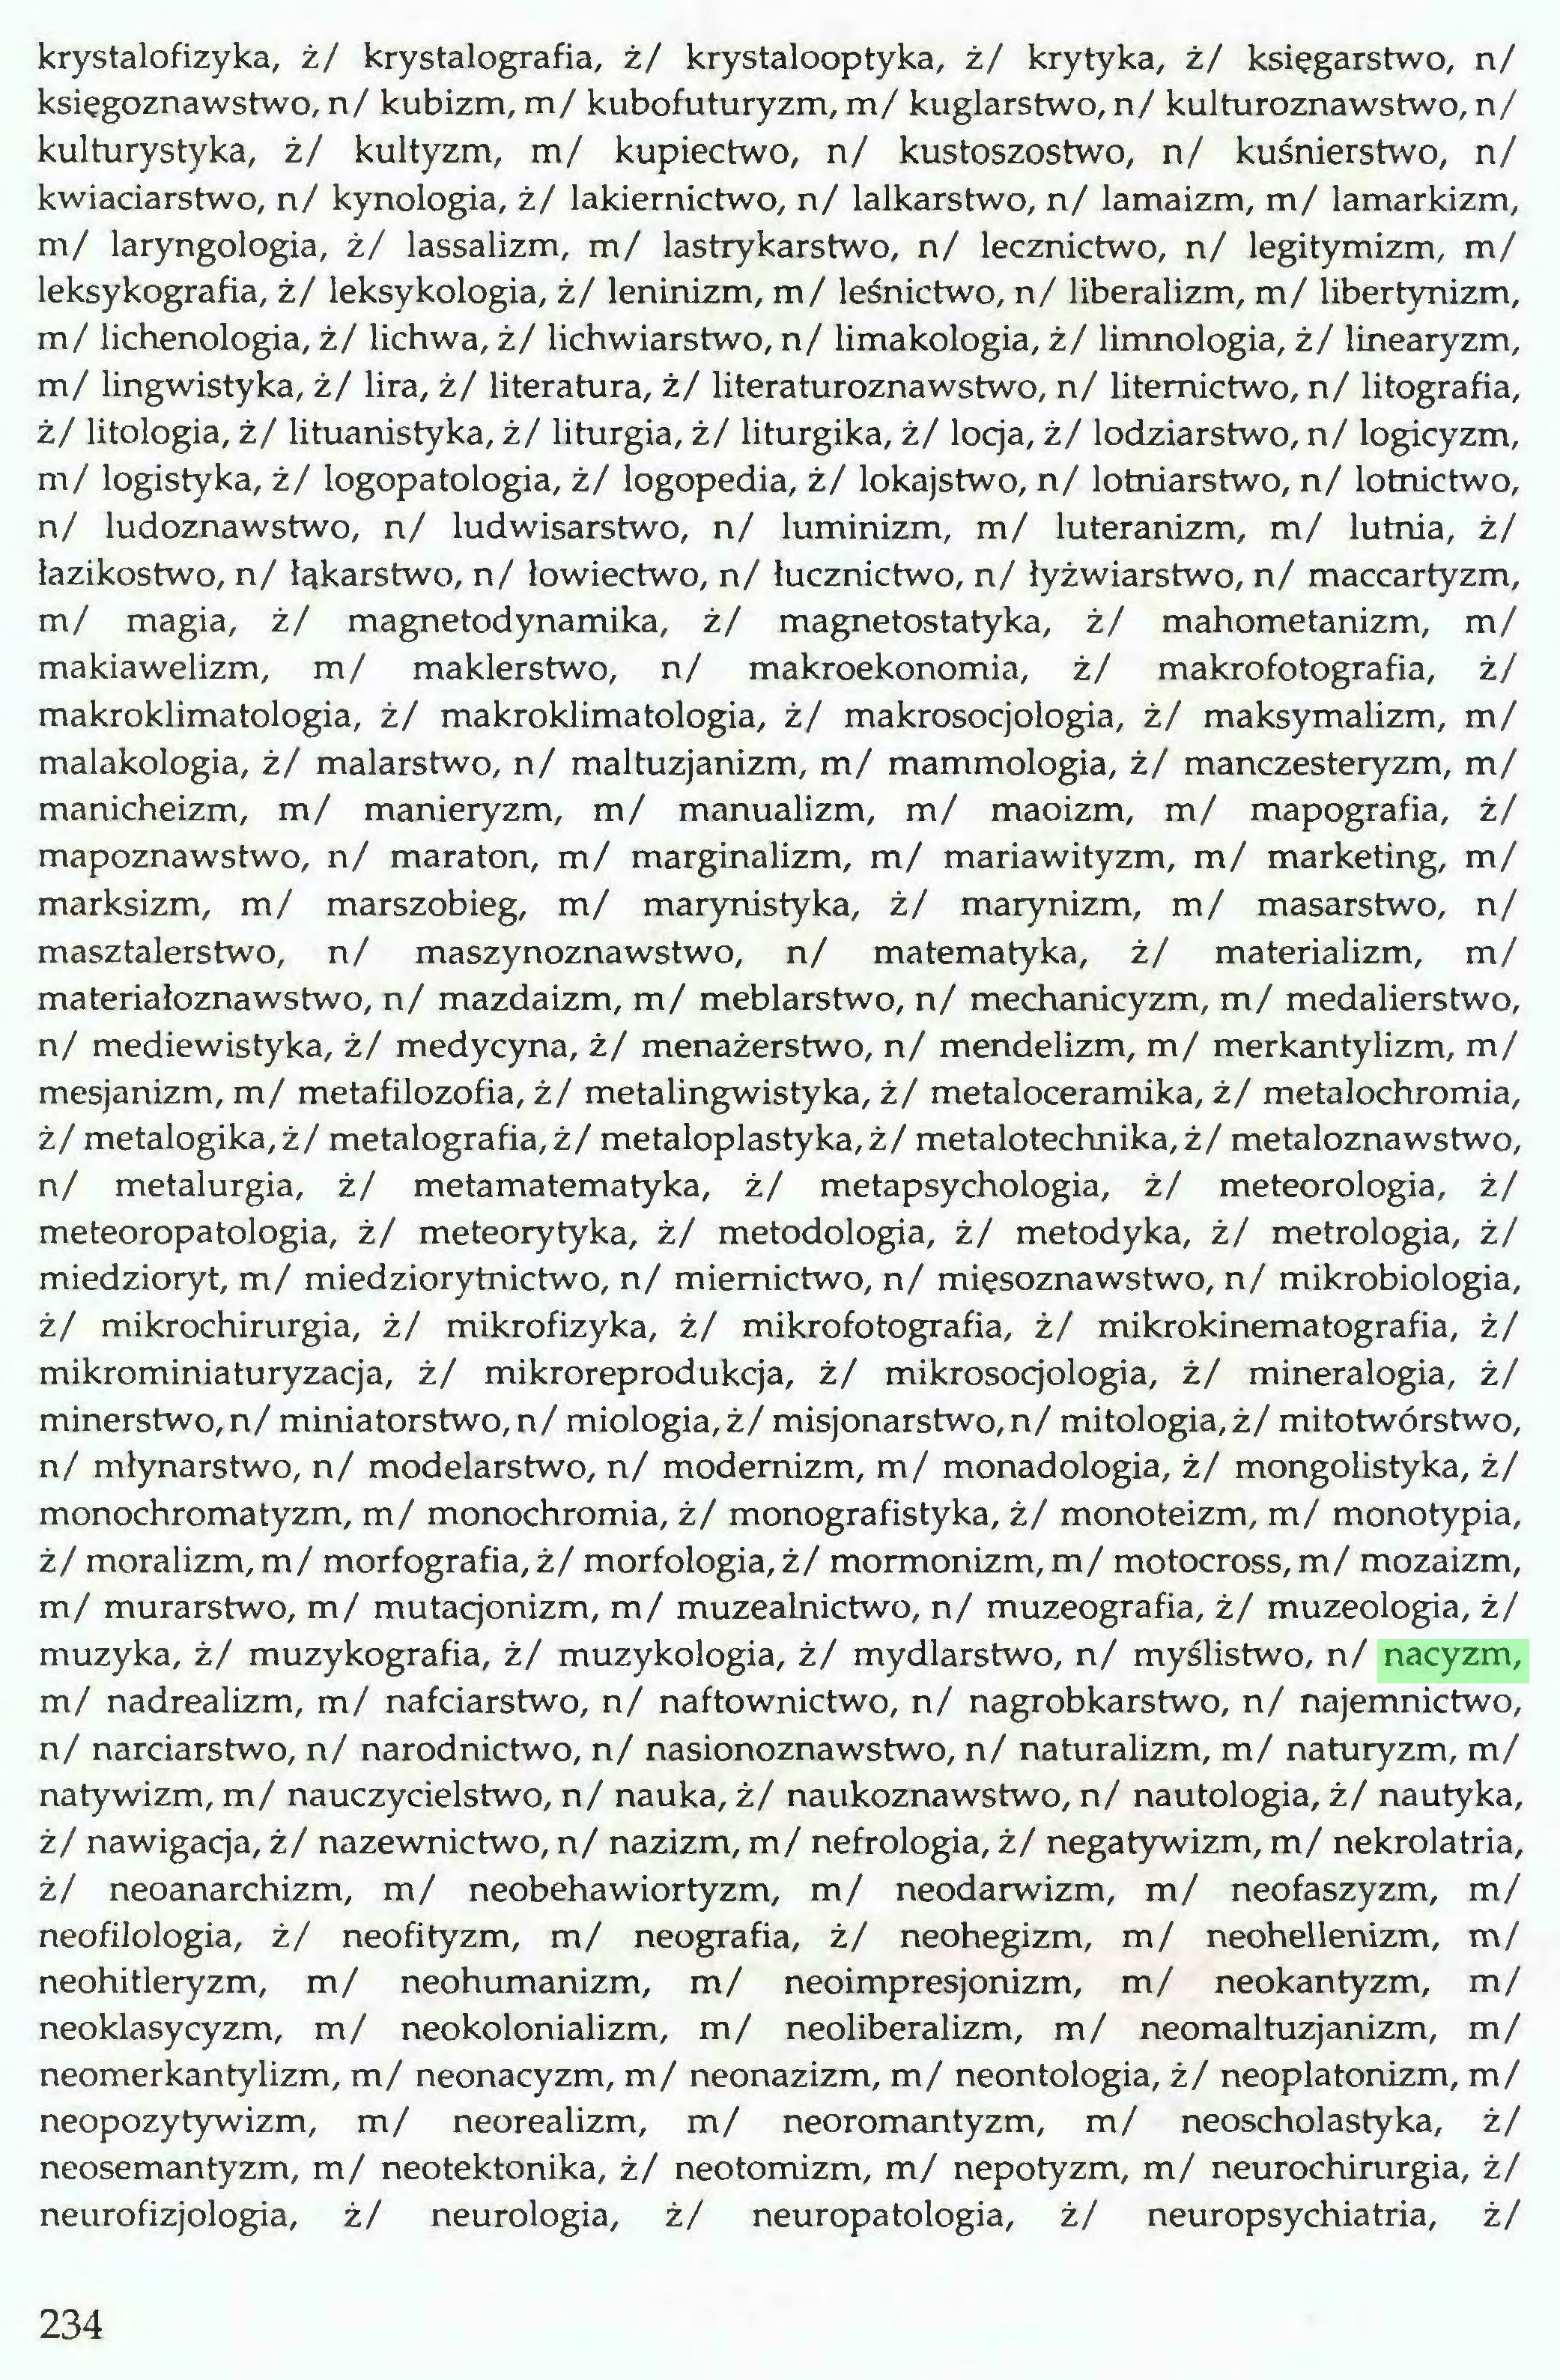 (...) krystalofizyka, ż/ krystalografia, ż/ krystalooptyka, ż/ krytyka, ż/ księgarstwo, n/ księgoznawstwo, n/ kubizm, m/ kubofuturyzm, m/ kuglarstwo, n/ kulturoznawstwo, n/ kulturystyka, ż/ kultyzm, m/ kupiectwo, n/ kustoszostwo, n/ kuśnierstwo, n/ kwiaciarstwo, n/ kynologia, ż/ lakiemictwo, n/ lalkarstwo, n/ lamaizm, m/ lamarkizm, m/ laryngologia, ż/ lassalizm, m/ lastrykarstwo, n/ lecznictwo, n/ legitymizm, m/ leksykografia, ż/ leksykologia, ż/ leninizm, m/ leśnictwo, n/ liberalizm, m/ libertynizm, m/ lichenologia, ż/ lichwa, ż/ lichwiarstwo, n/ limakologia, ż/ limnologia, ż/ linearyzm, m/ lingwistyka, ż/ lira, ż/ literatura, ż/ literaturoznawstwo, n/ liternictwo, n/ litografia, ż/ litologia, ż/ lituanistyka, ż/ liturgia, ż/ liturgika, ż/ locja, ż/ lodziarstwo, n/ logicyzm, m/ logistyka, ż/ logopatologia, ż/ logopedia, ż/ lokajstwo, n/ lotniarstwo, n/ lotnictwo, n/ ludoznawstwo, n/ ludwisarstwo, n/ luminizm, m/ luteranizm, m/ lutnia, ż/ łazikostwo, n/ łakarstwo, n/ łowiectwo, n/ łucznictwo, n/ łyżwiarstwo, n/ maccartyzm, m/ magia, ż/ magnetodynamika, ż/ magnetostatyka, ż/ mahometanizm, m/ makiawelizm, m/ maklerstwo, n/ makroekonomia, ż/ makrofotografia, ż/ makroklimatologia, ż/ makroklimatologia, ż/ makrosocjologia, ż/ maksymalizm, m/ malakologia, ż/ malarstwo, n/ maltuzjanizm, m/ mammologia, ż/ manczesteryzm, m/ manicheizm, m/ manieryzm, m/ manualizm, m/ maoizm, m/ mapografia, ż/ mapoznawstwo, n/ maraton, m/ marginalizm, m/ mariawityzm, m/ marketing, m/ marksizm, m/ marszobieg, m/ marynistyka, ż/ marynizm, m/ masarstwo, n/ masztalerstwo, n/ maszynoznawstwo, n/ matematyka, ż/ materializm, m/ materiałoznawstwo, n/ mazdaizm, m/ meblarstwo, n/ mechanicyzm, m/ medalierstwo, n/ mediewistyka, ż/ medycyna, ż/ menażerstwo, n/ mendelizm, m/ merkantylizm, m/ mesjanizm, m/ metafilozofia, ż/ metalingwistyka, ż/ metaloceramika, ż/ metalochromia, ż/ metalogika,ż/ metalografia, ż/ metaloplastyka, ż/ metalotechnika,ż/ metaloznawstwo, n/ metalurgia, ż/ metamatematyka, ż/ metapsych